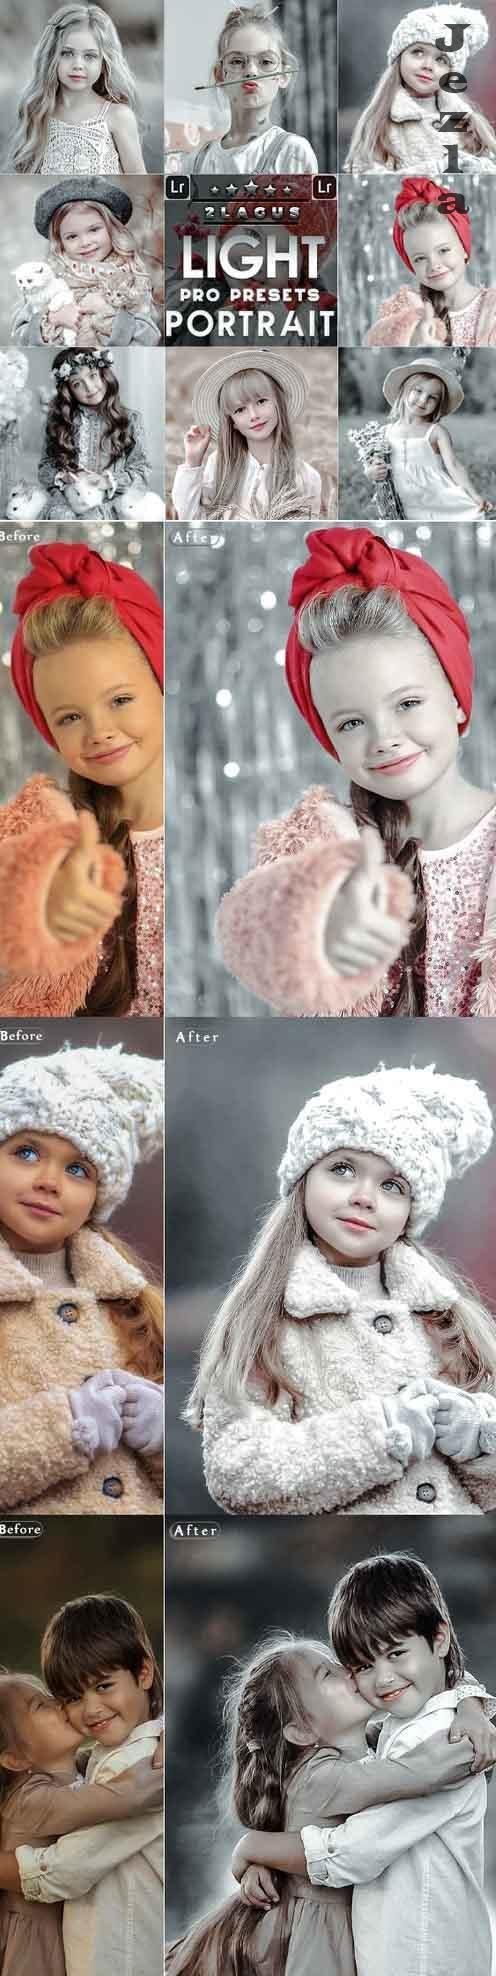 Light Portrait Presets Mobile and Desktop LRM 26656653